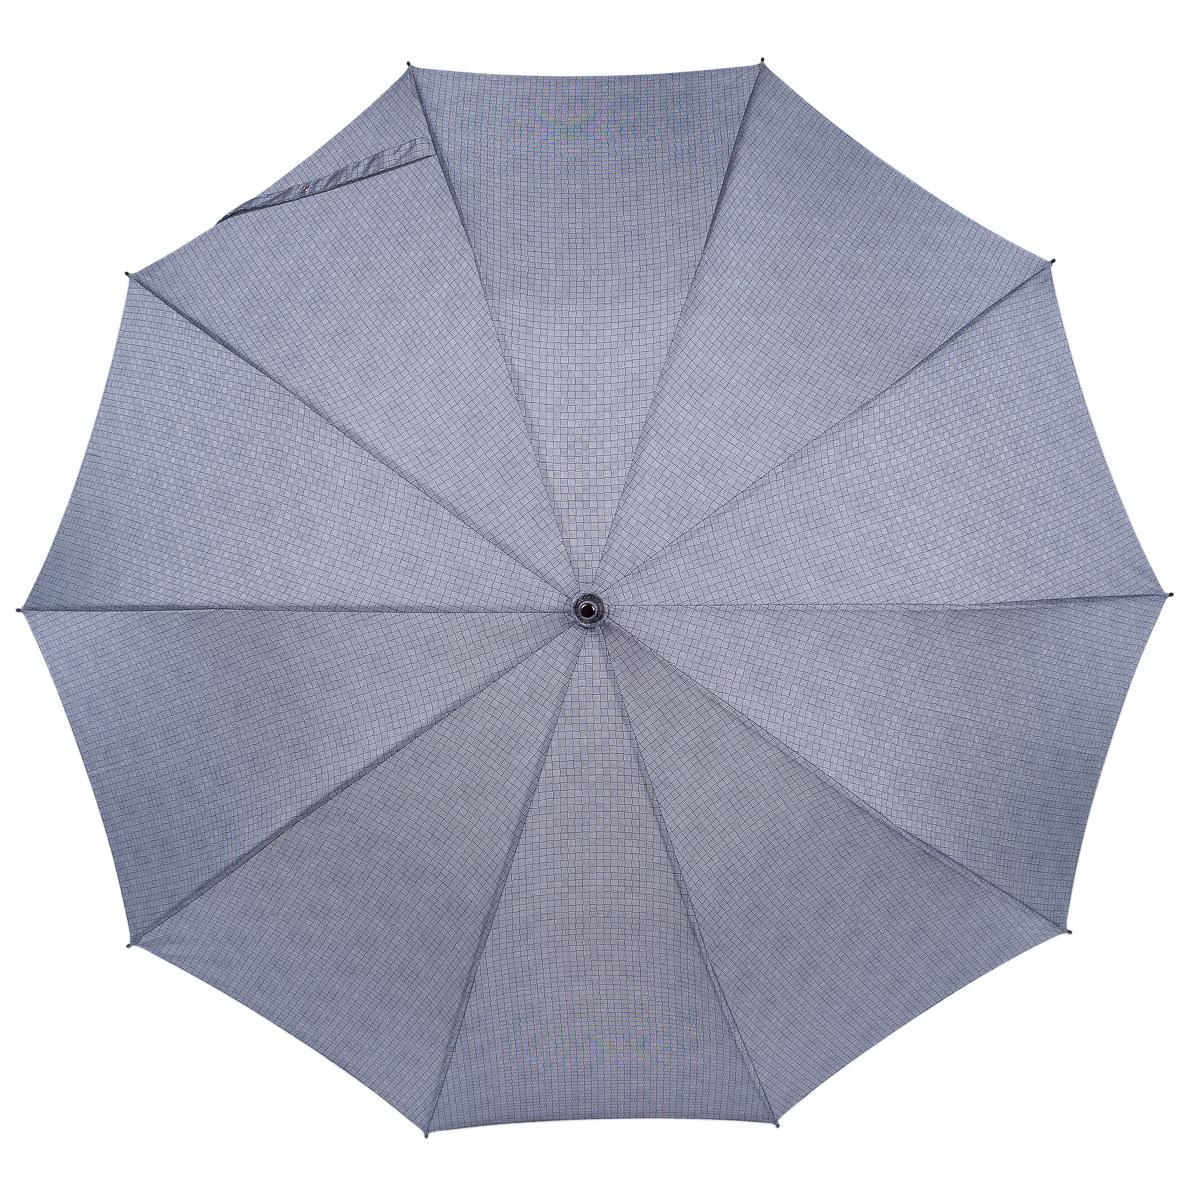 Зонт-трость женский Stilla, механика, цвет: серый. 782/2/10 woodКолье (короткие одноярусные бусы)Зонт-трость Stilla надежно защитит вас от дождя. Купол, оформленный оригинальным принтом, выполнен из высококачественного полиэстера, который не пропускает воду. Каркас зонта и спицы выполнены из высококарбонистой стали. Удобная цельнодеревянная ручка выполнена из гнутого клена.